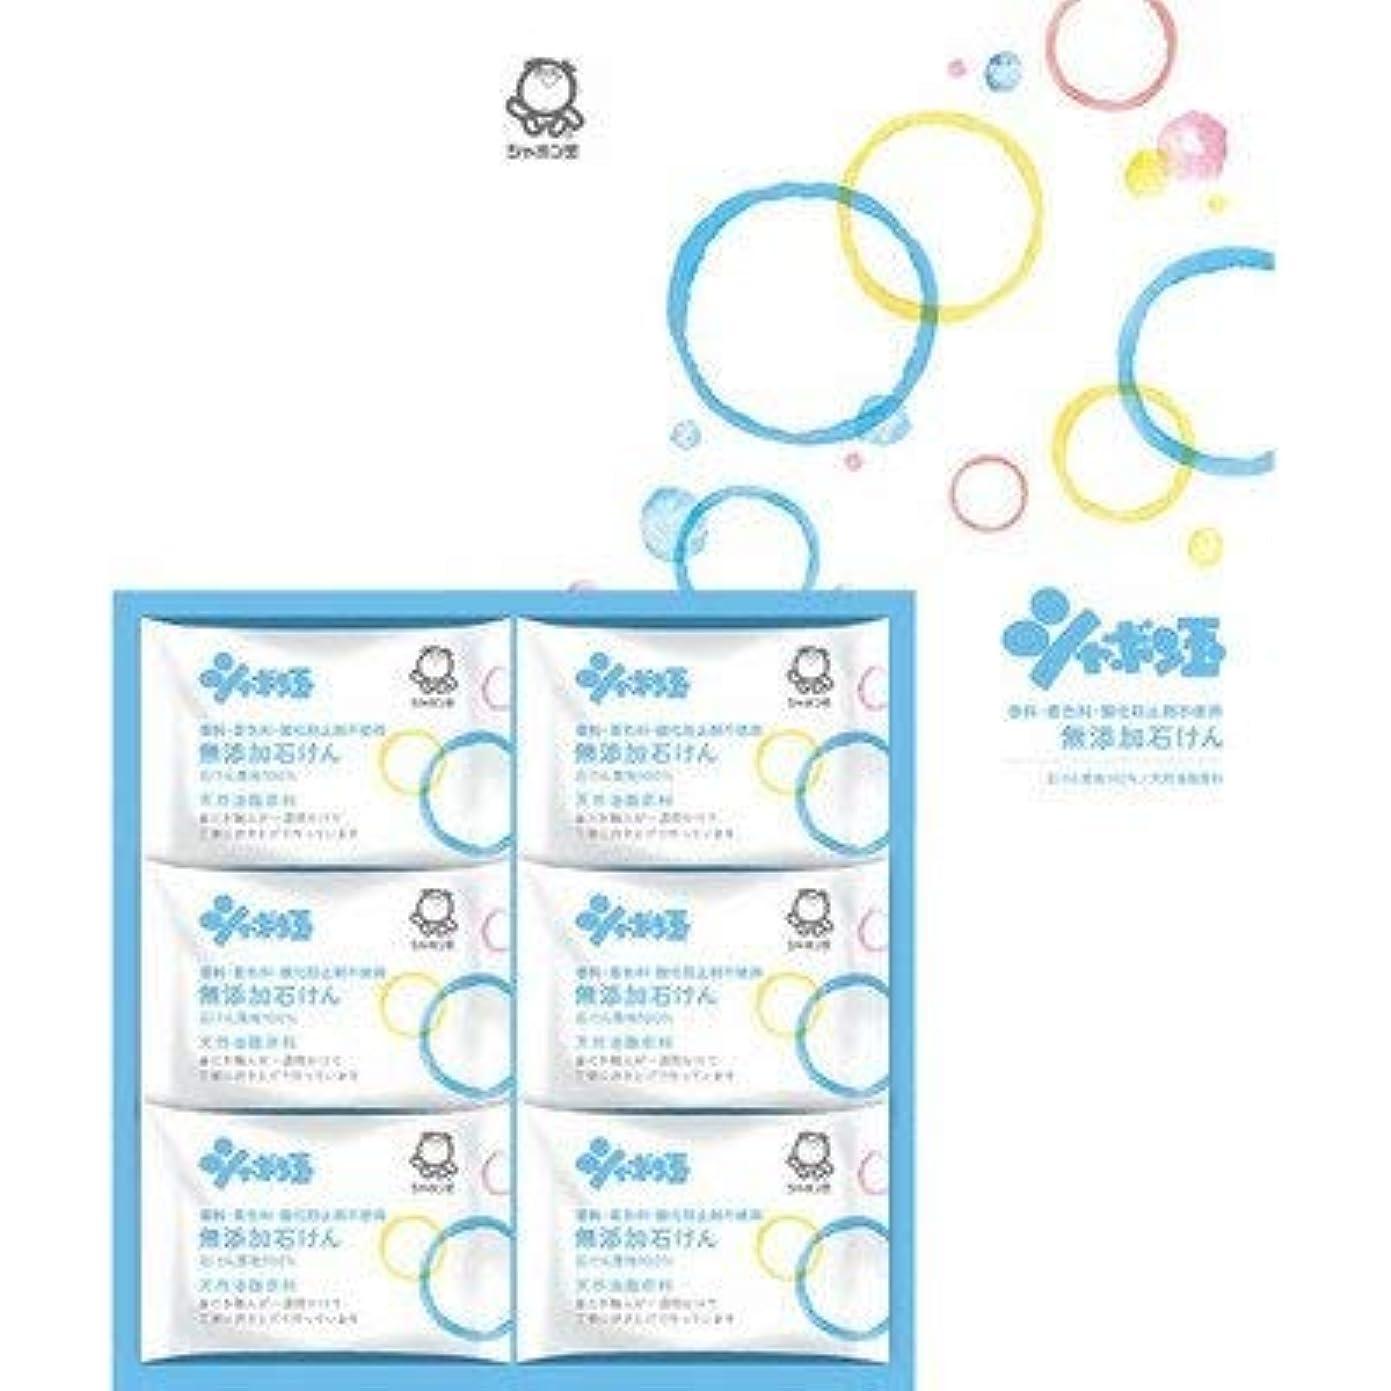 抽象化クレジットピット【ギフトセット】 シャボン玉無添加石鹸ギフトセット SMG-10B